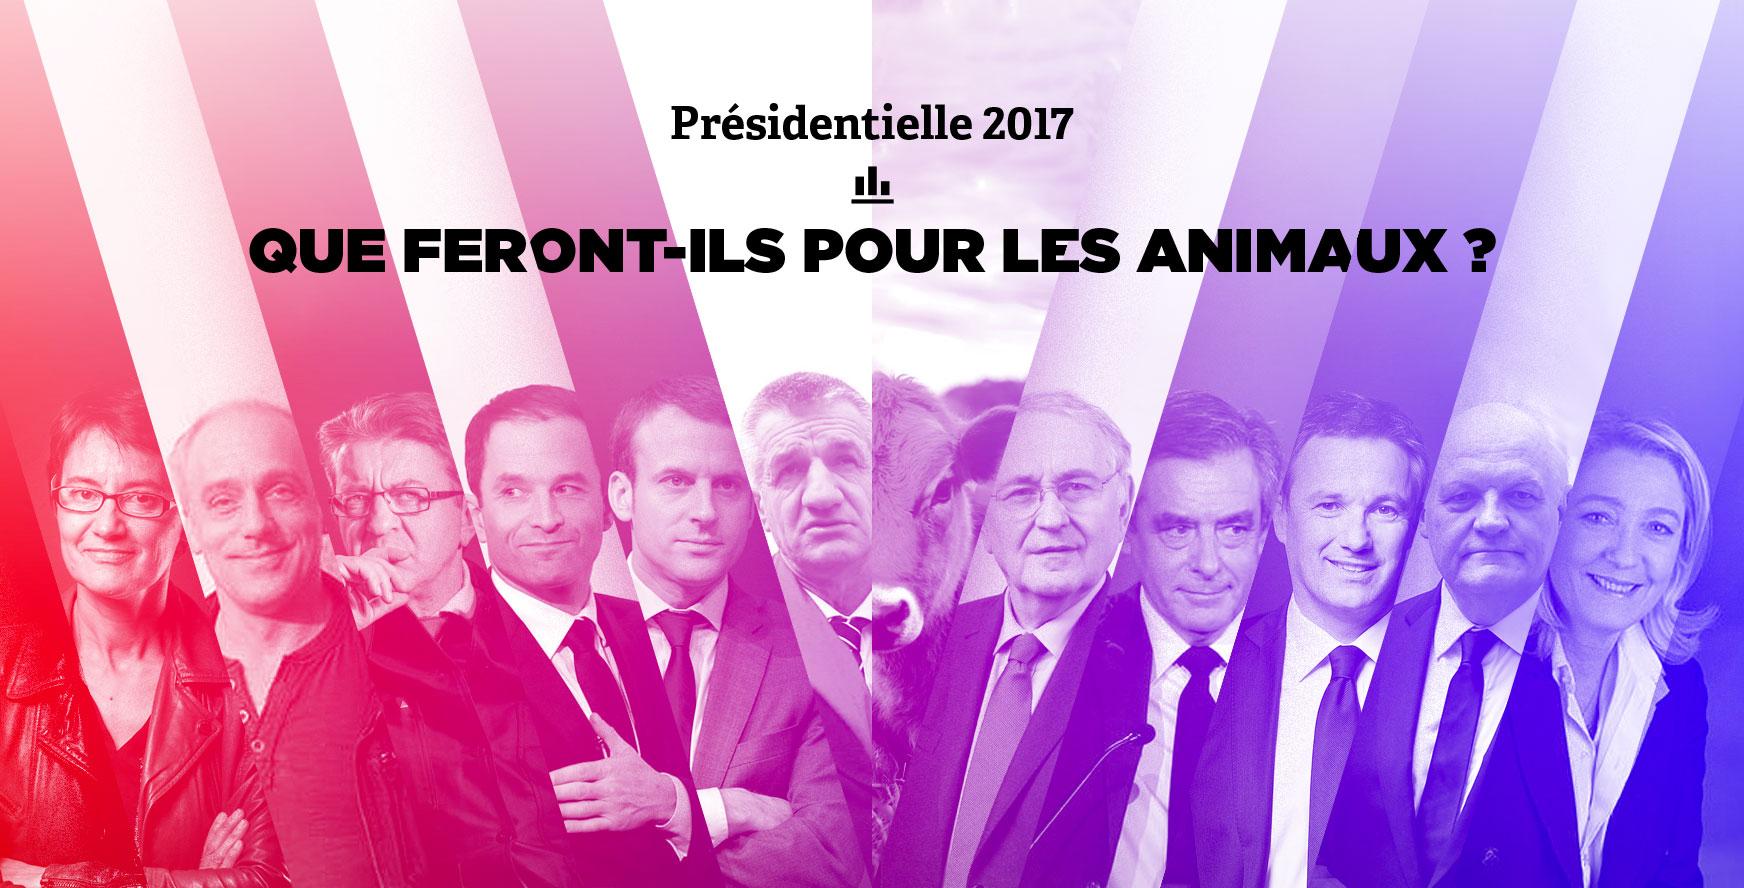 Présidentielle 2017: que feront-ils pour les animaux?